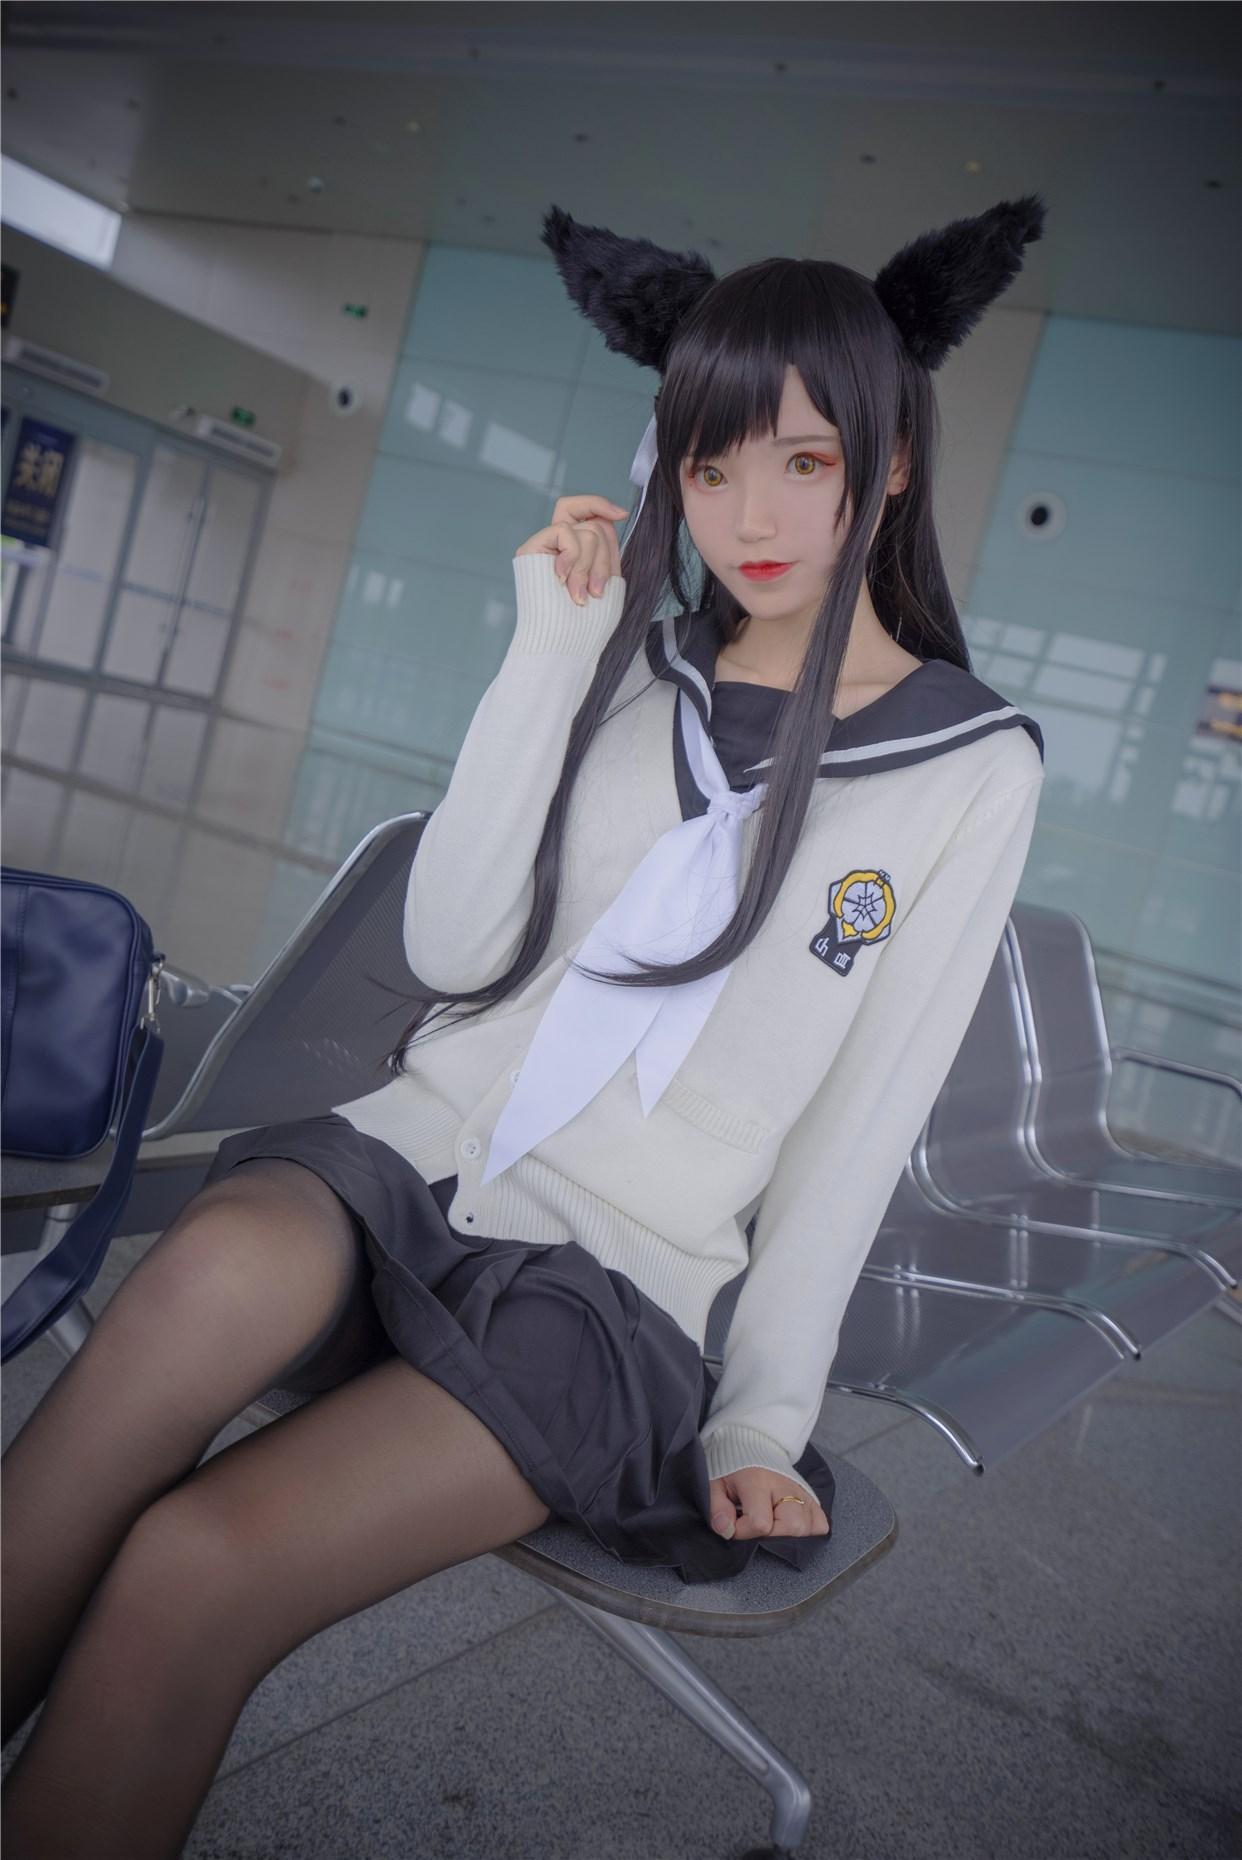 【兔玩映画】大长腿姐姐的cos 兔玩映画 第15张